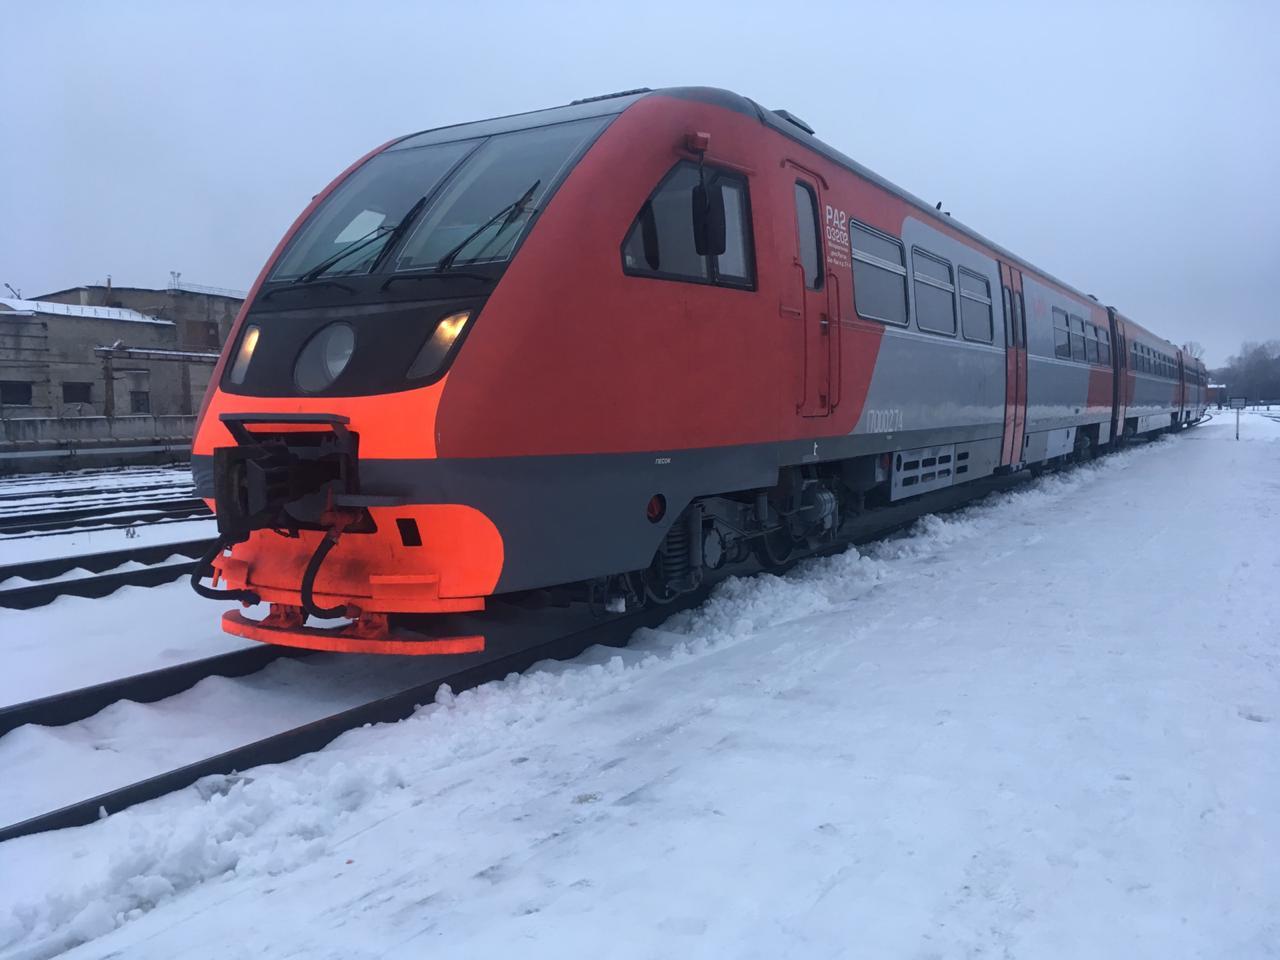 «Рельсовый автобус» в Рыбинске. Повторили то, что было в СССР, только назвали по-новому